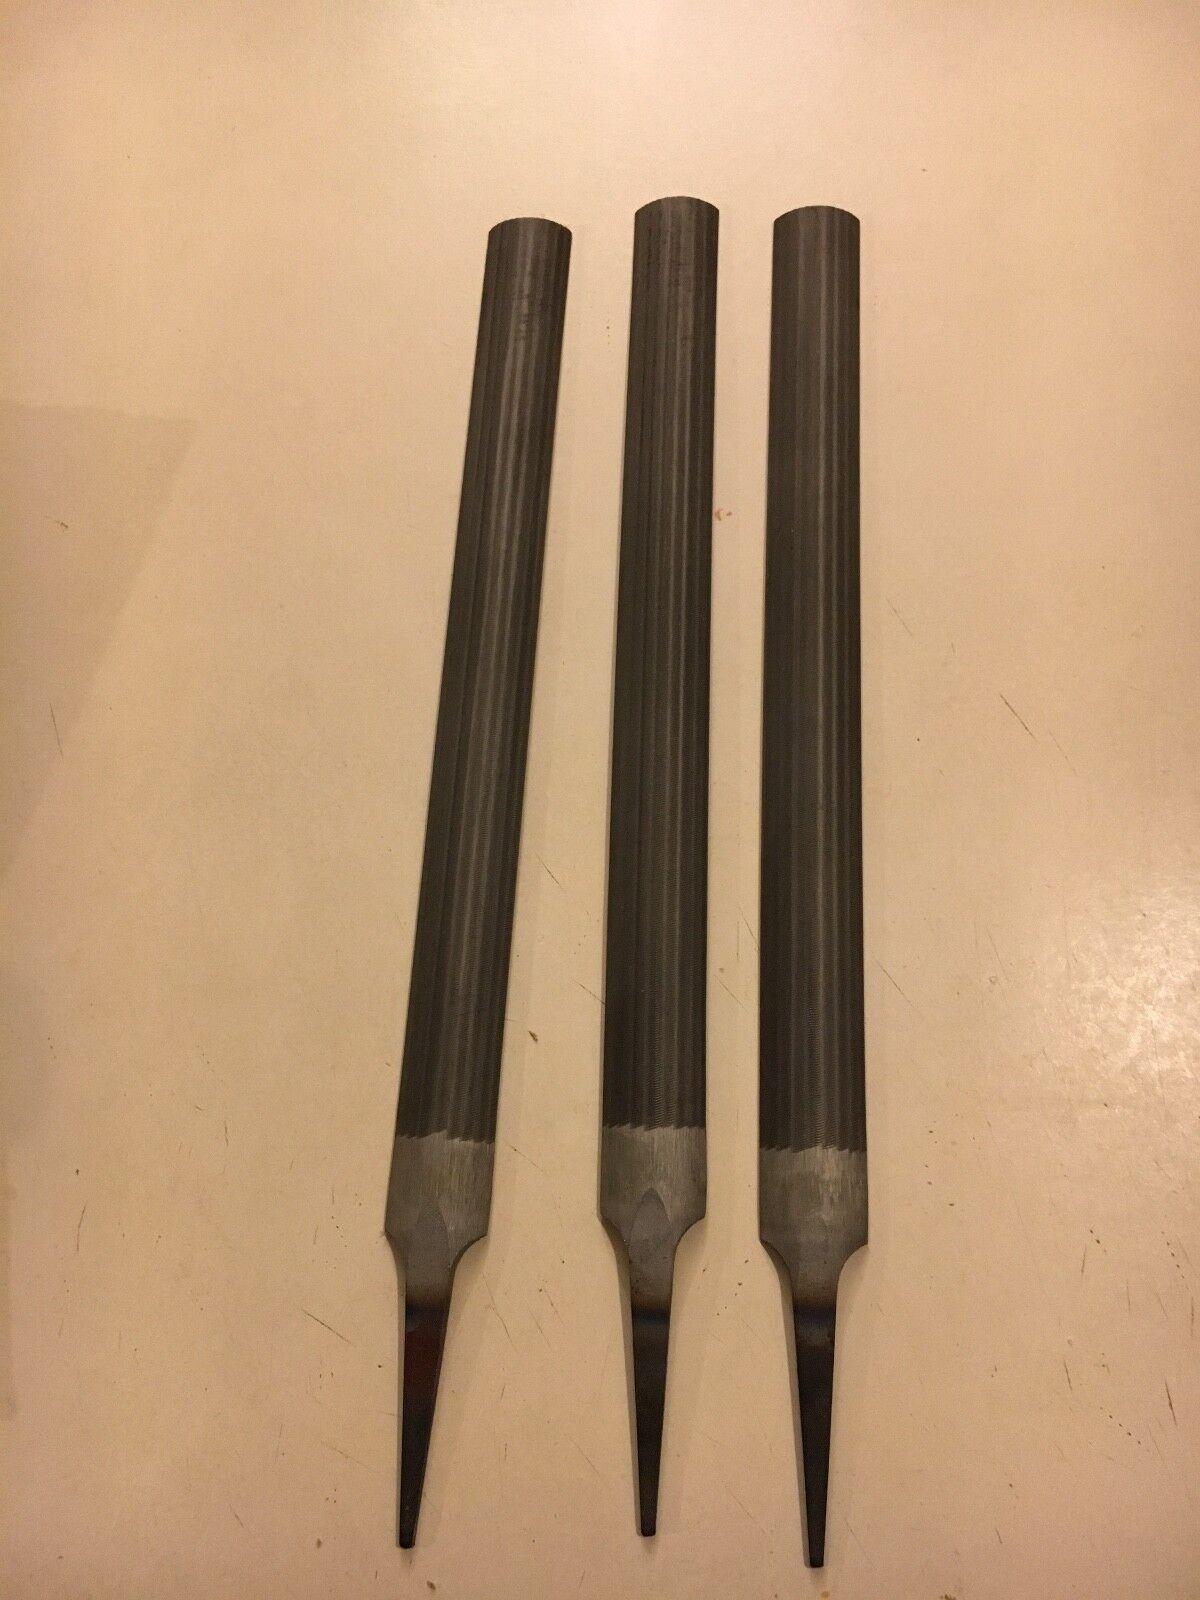 3 14 inch half round smooth nicholson files